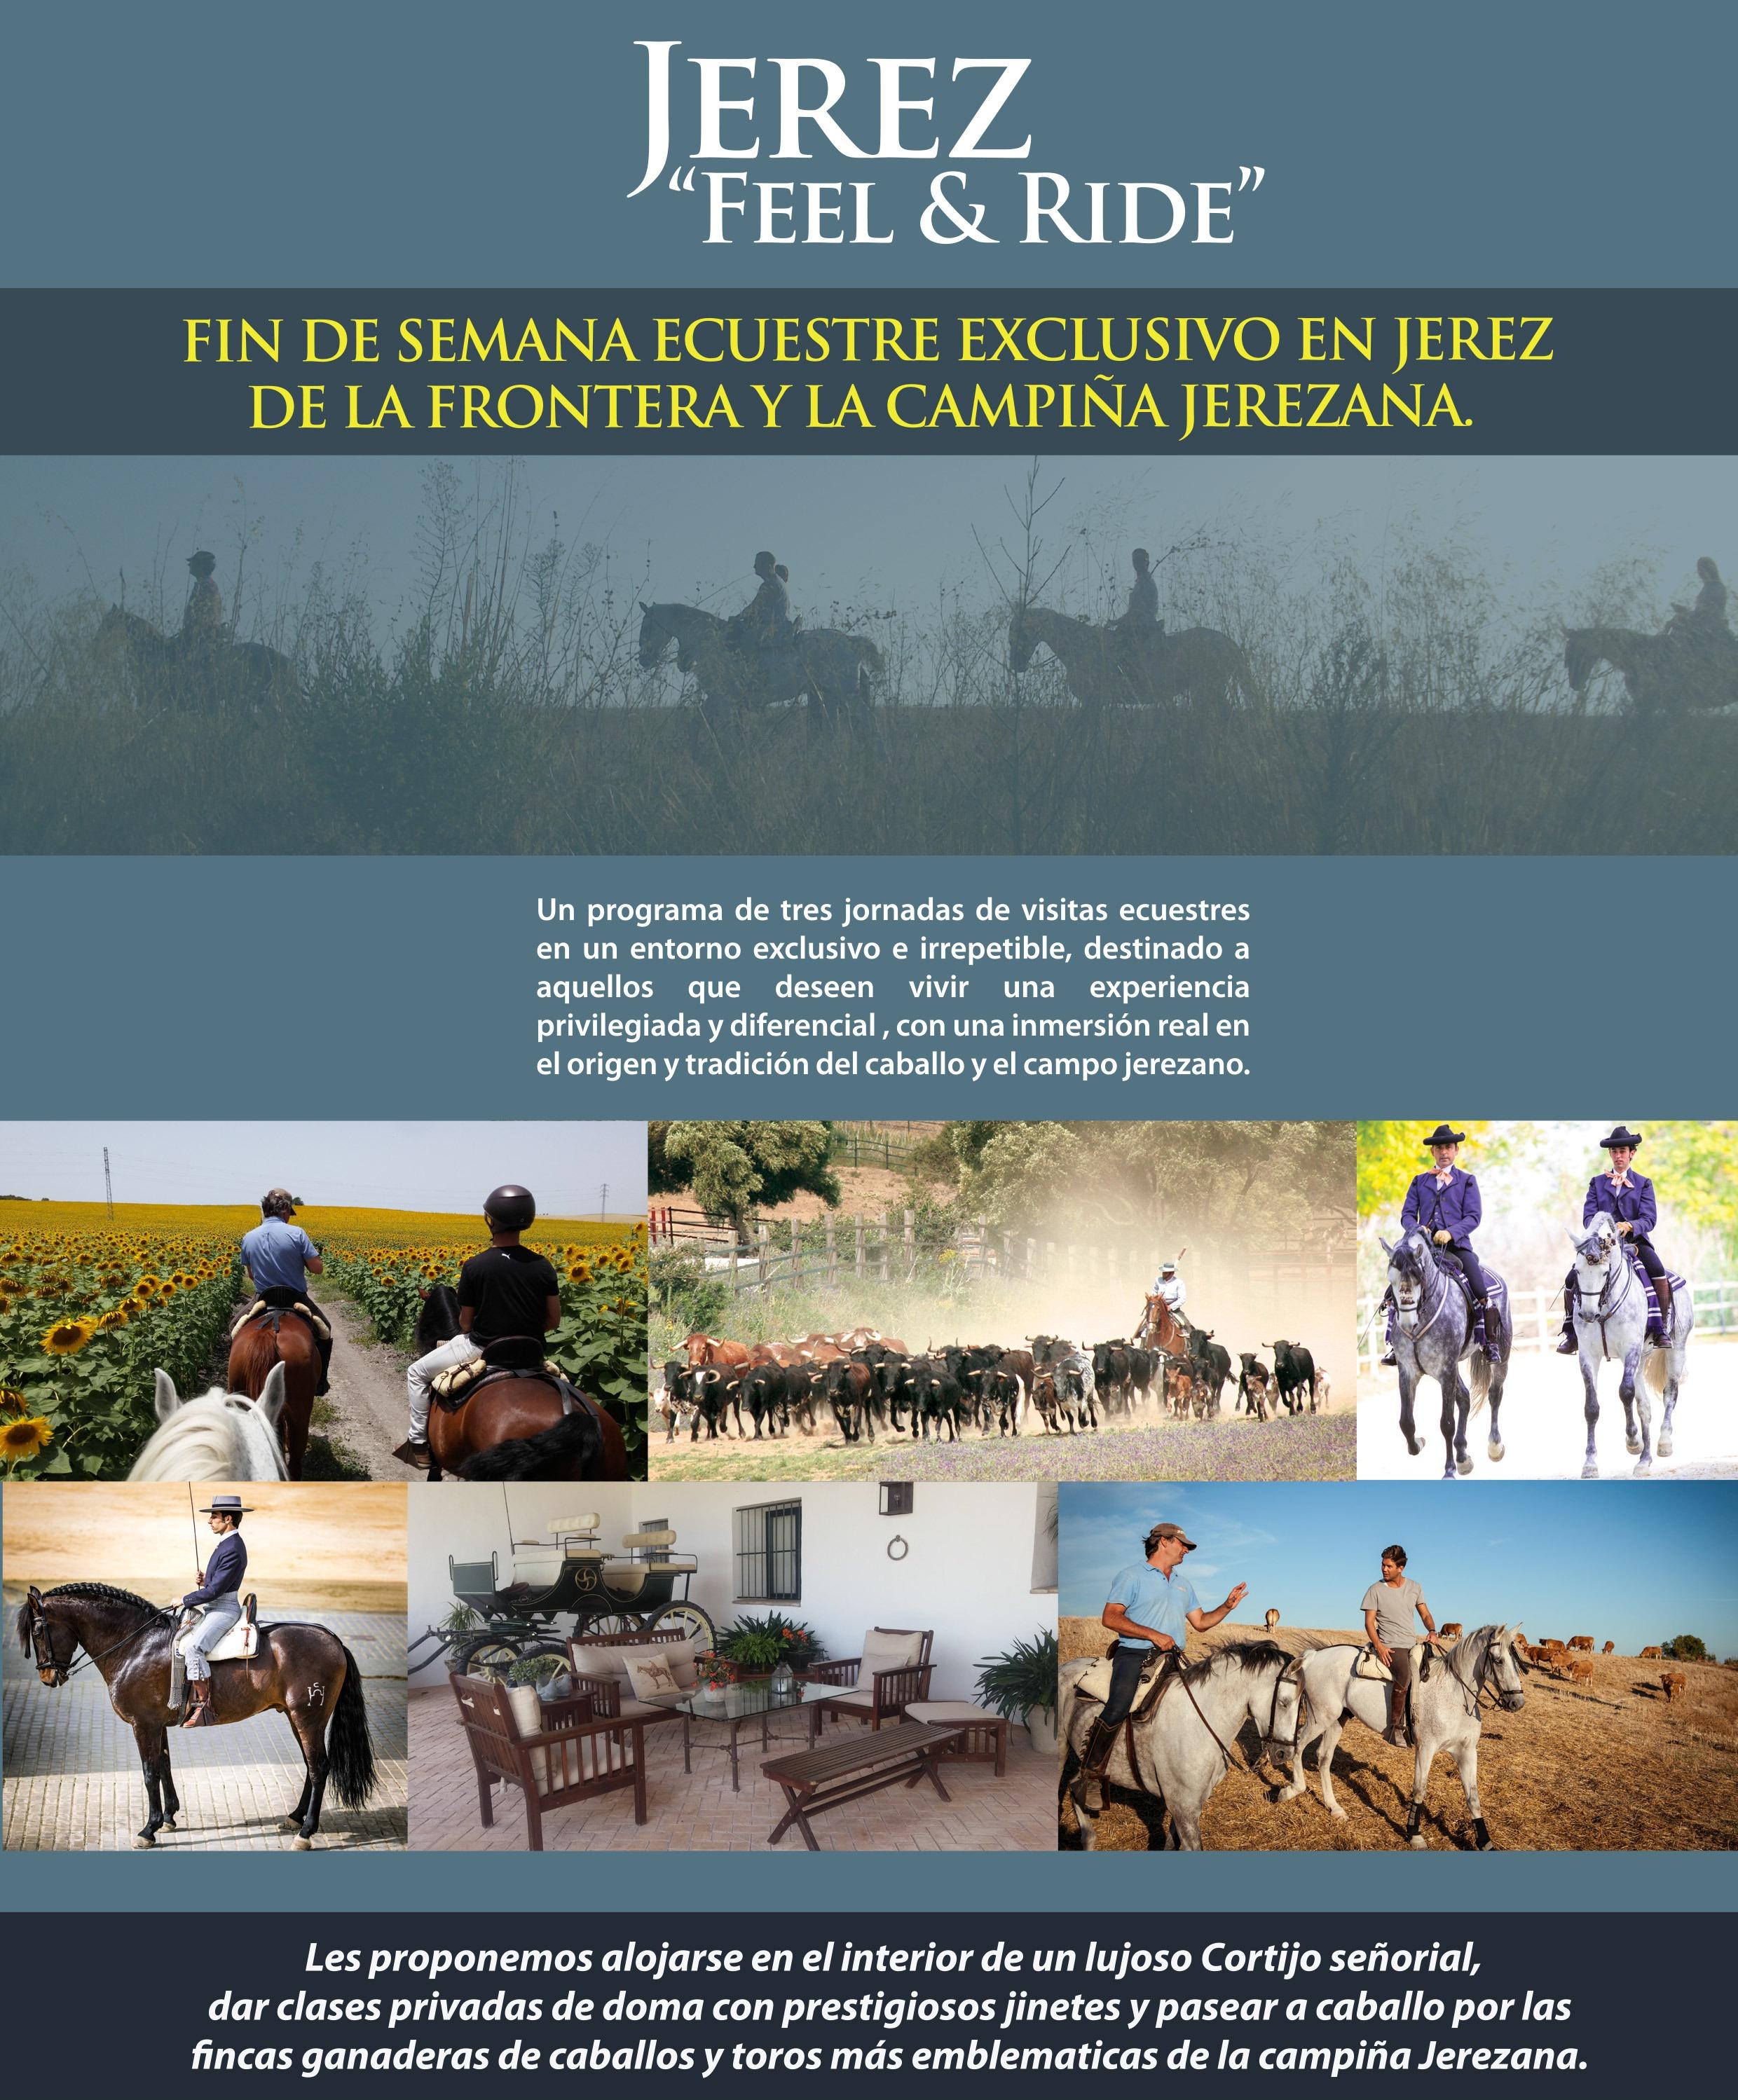 Jerez Feel & Ride